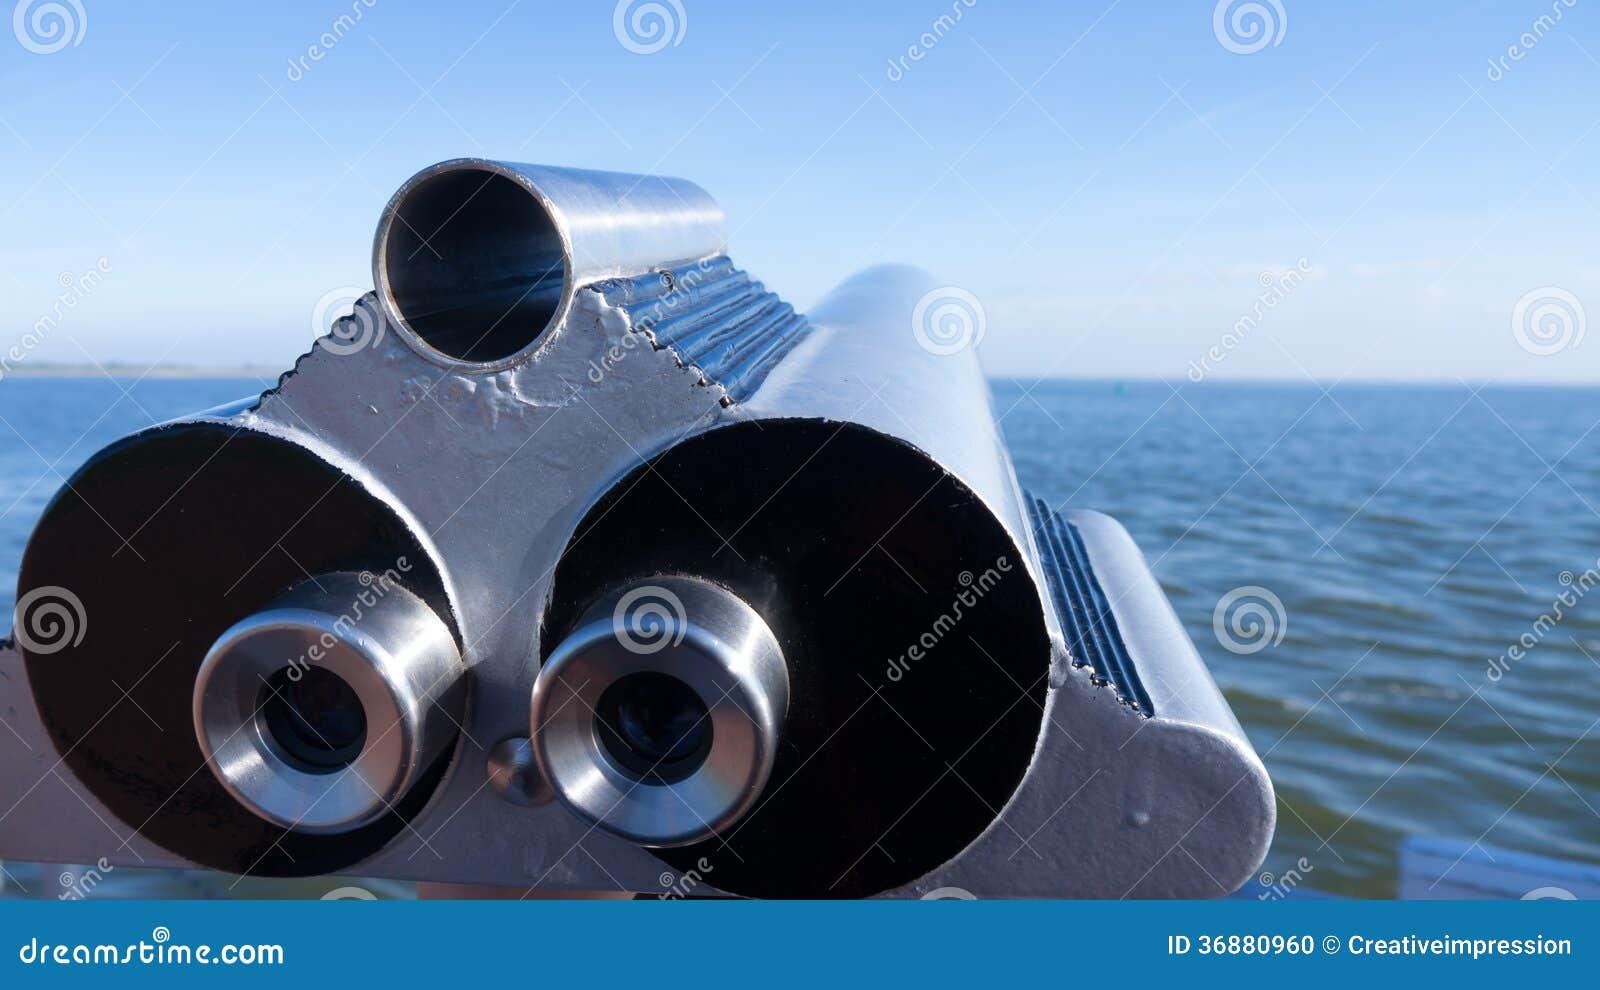 Download Telescopio in mare fotografia stock. Immagine di copia - 36880960